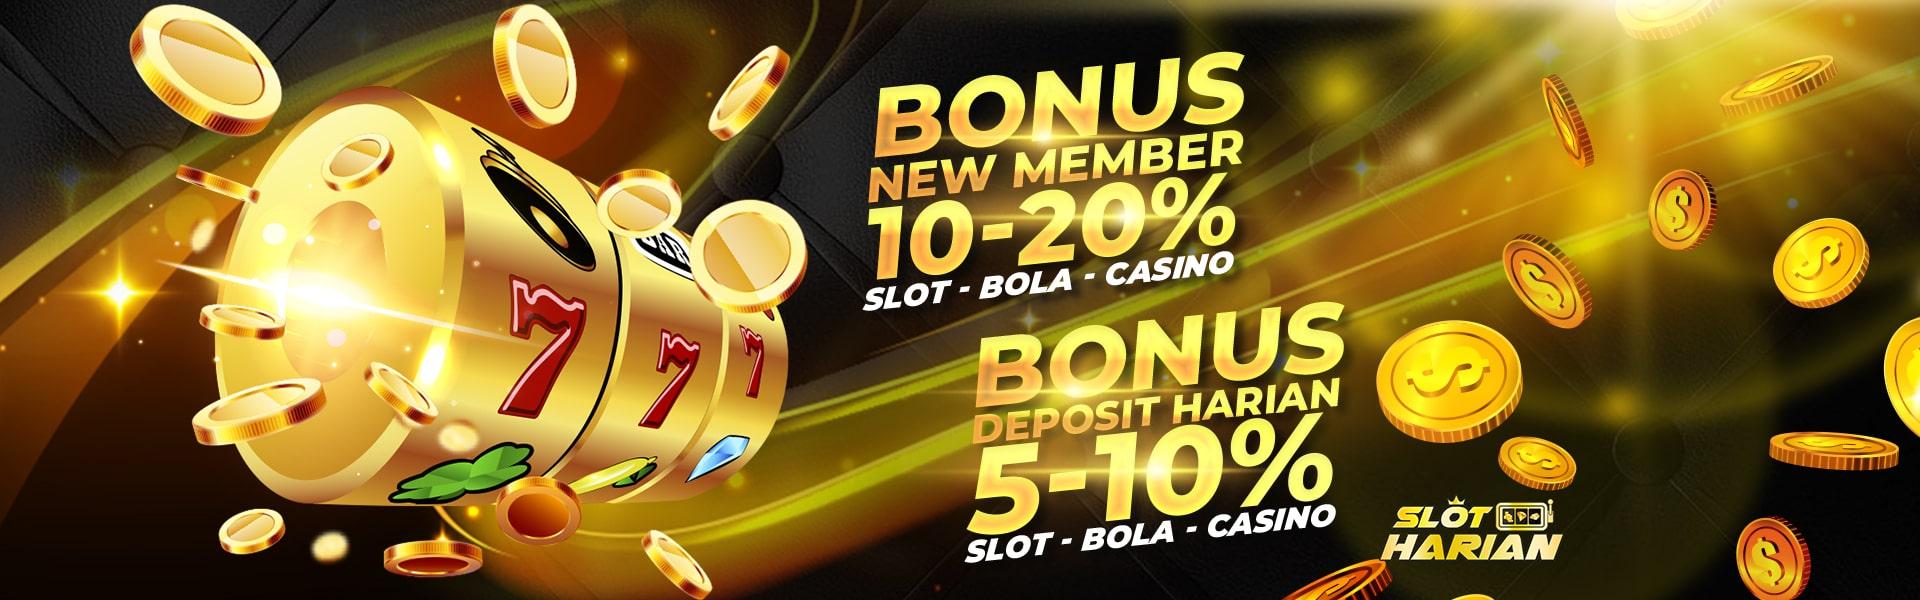 Slot Harian Promosi New Member & Deposit Setiap Hari